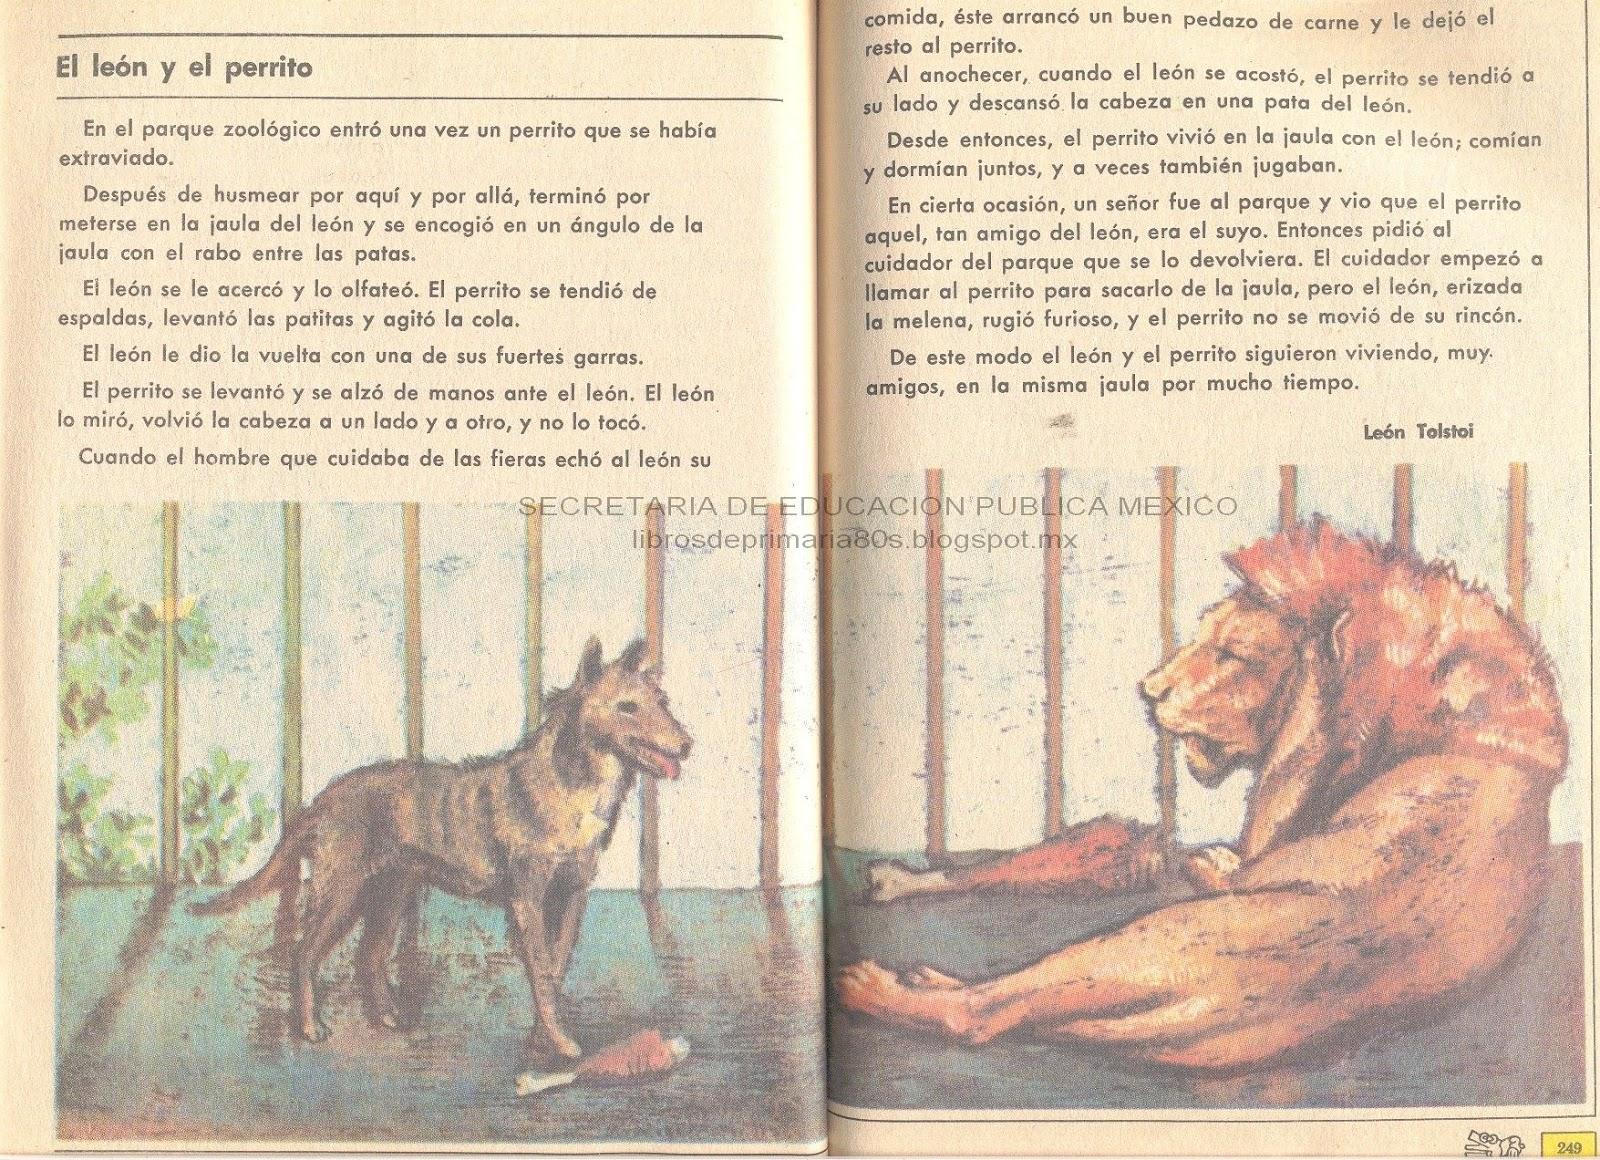 Libros De Primaria De Los 80's: Septiembre 2012